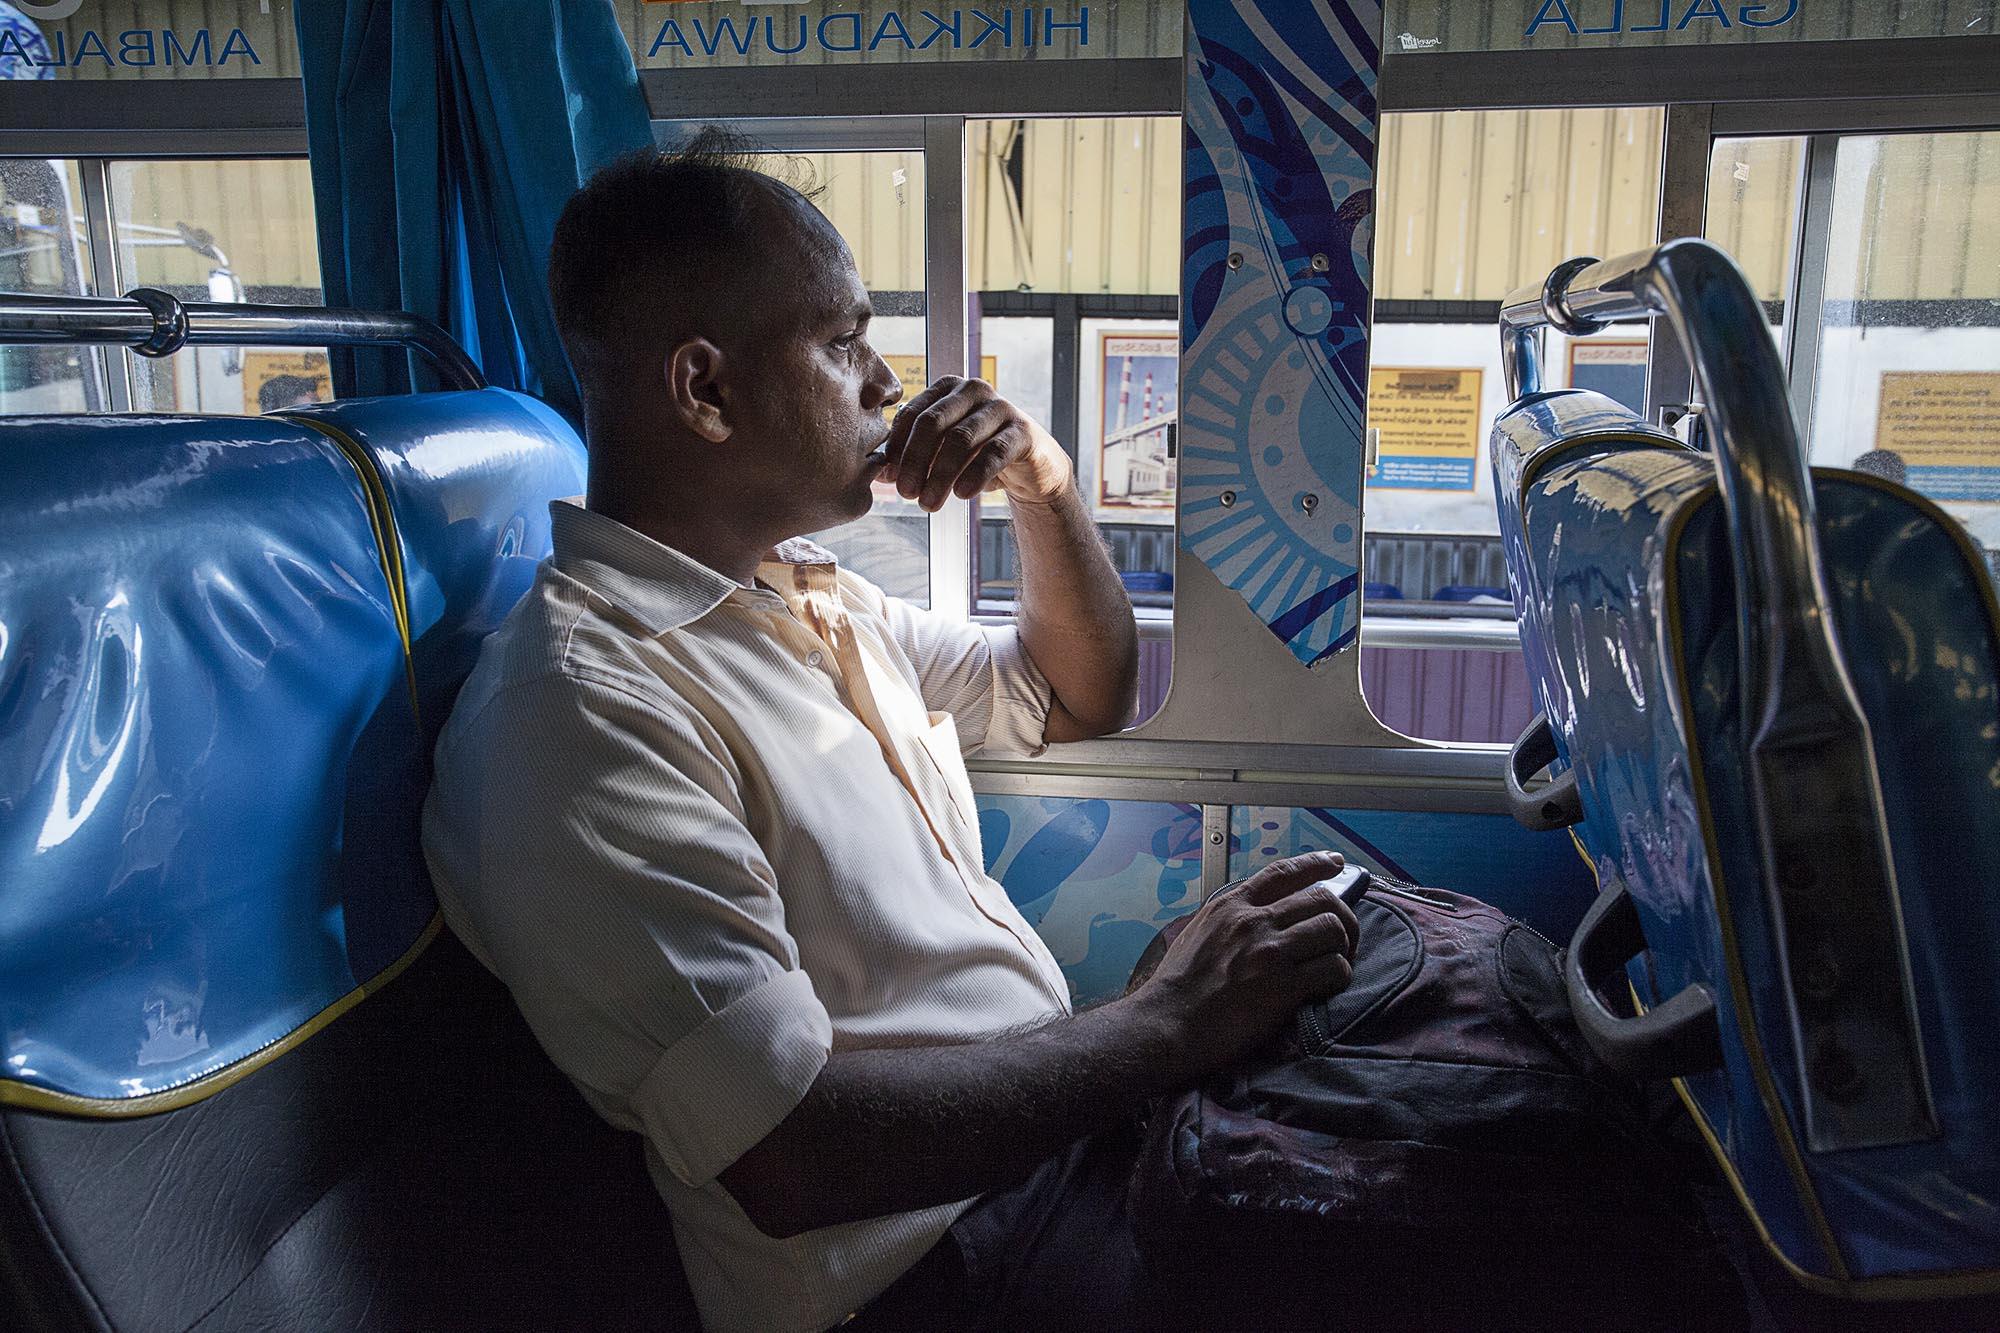 Transport publiczy na Sri Lance, czyli kolorowy autobus i elegancko ubrani mężczyźni.